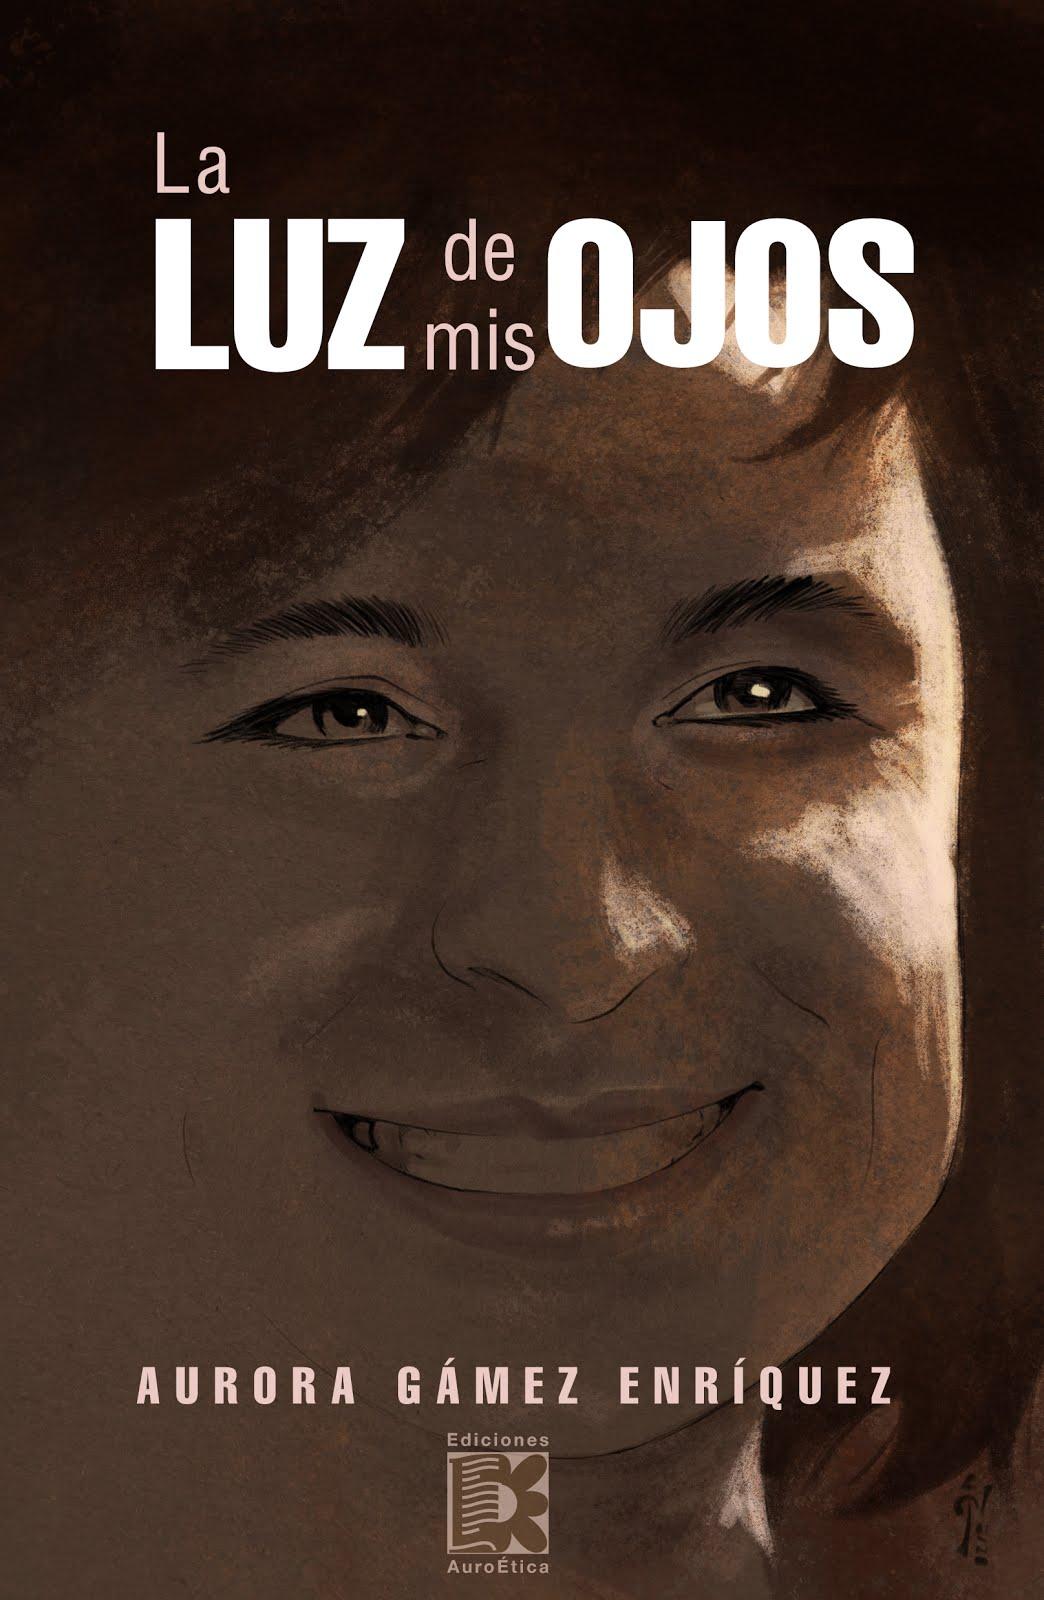 LA LUZ DE MIS OJOS -poesía- Aurora Gámez Enríquez.